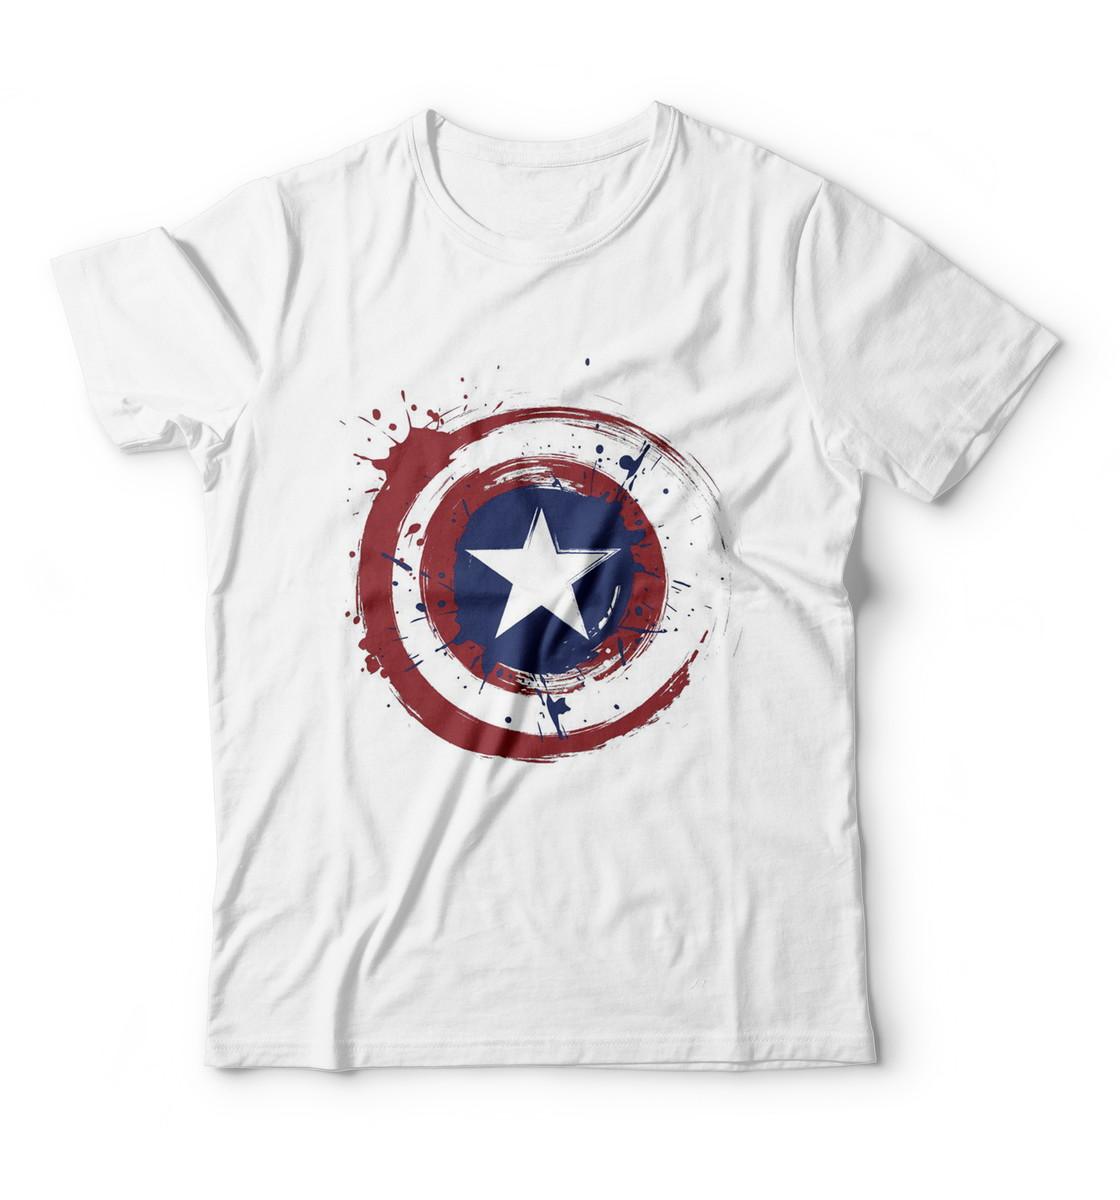 c3b040656 Camiseta Escudo do Capitão América Marvel Filme Vingador no Elo7 ...